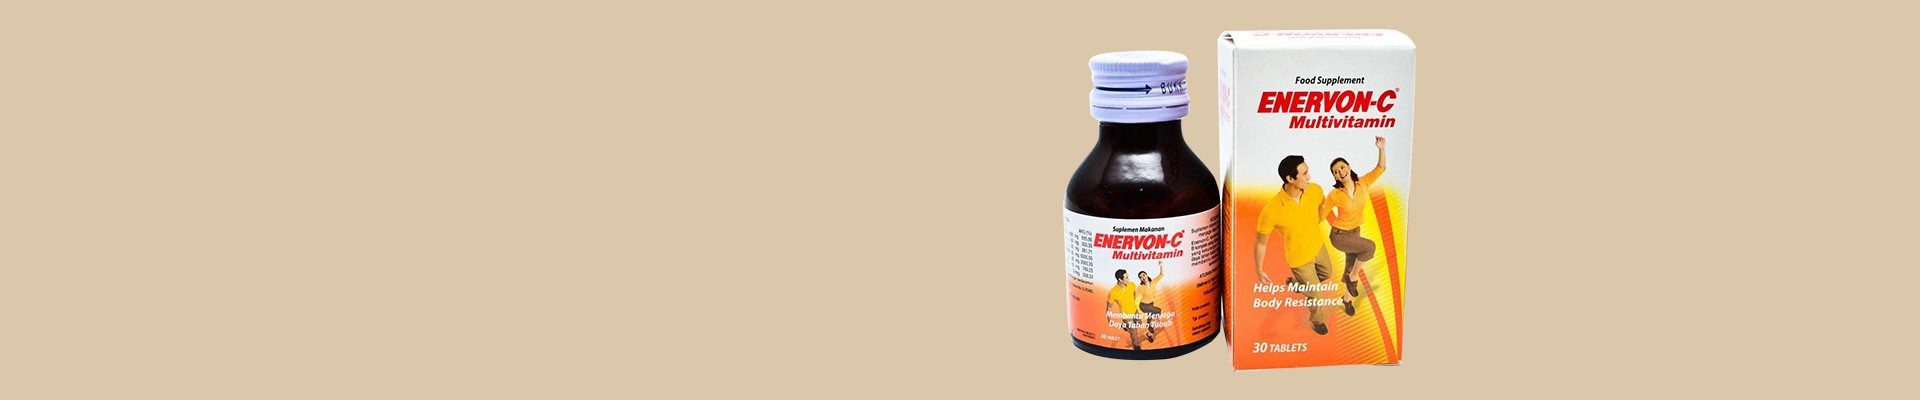 Jual Vitamin Untuk Daya Tahan Tubuh - harga Terbaik